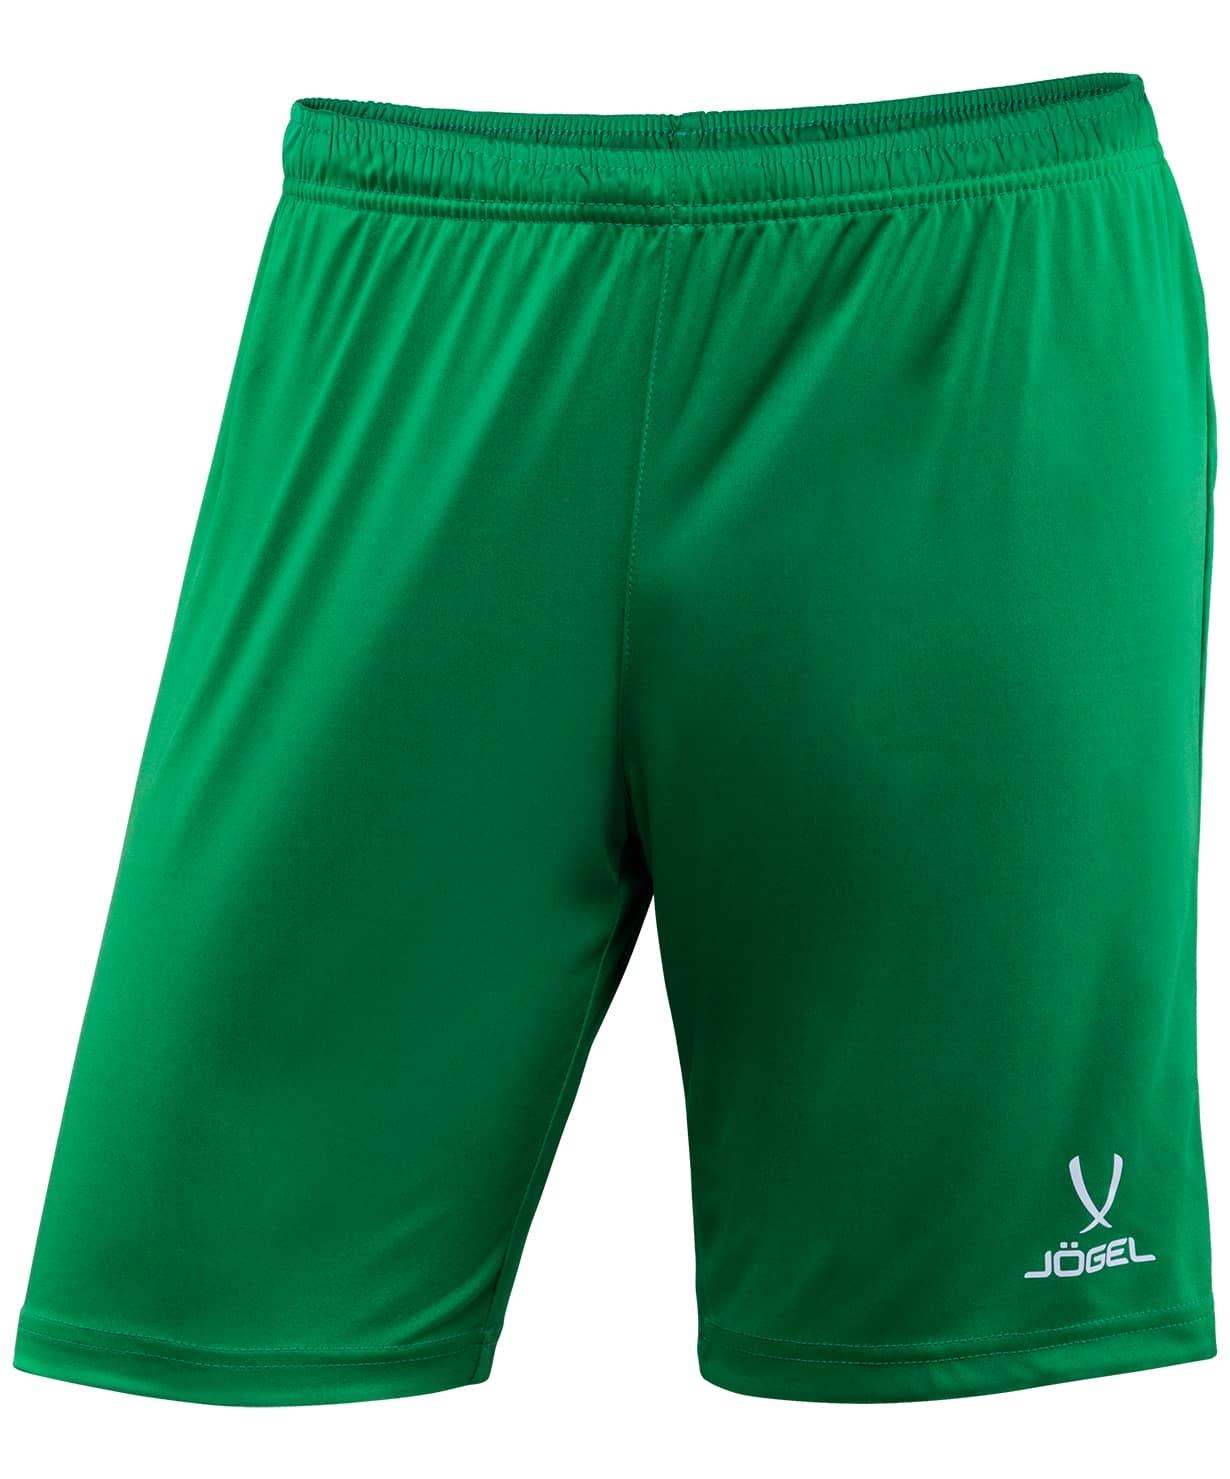 Шорты футбольные CAMP JFS-1120-031-K, зеленый/белый, детские